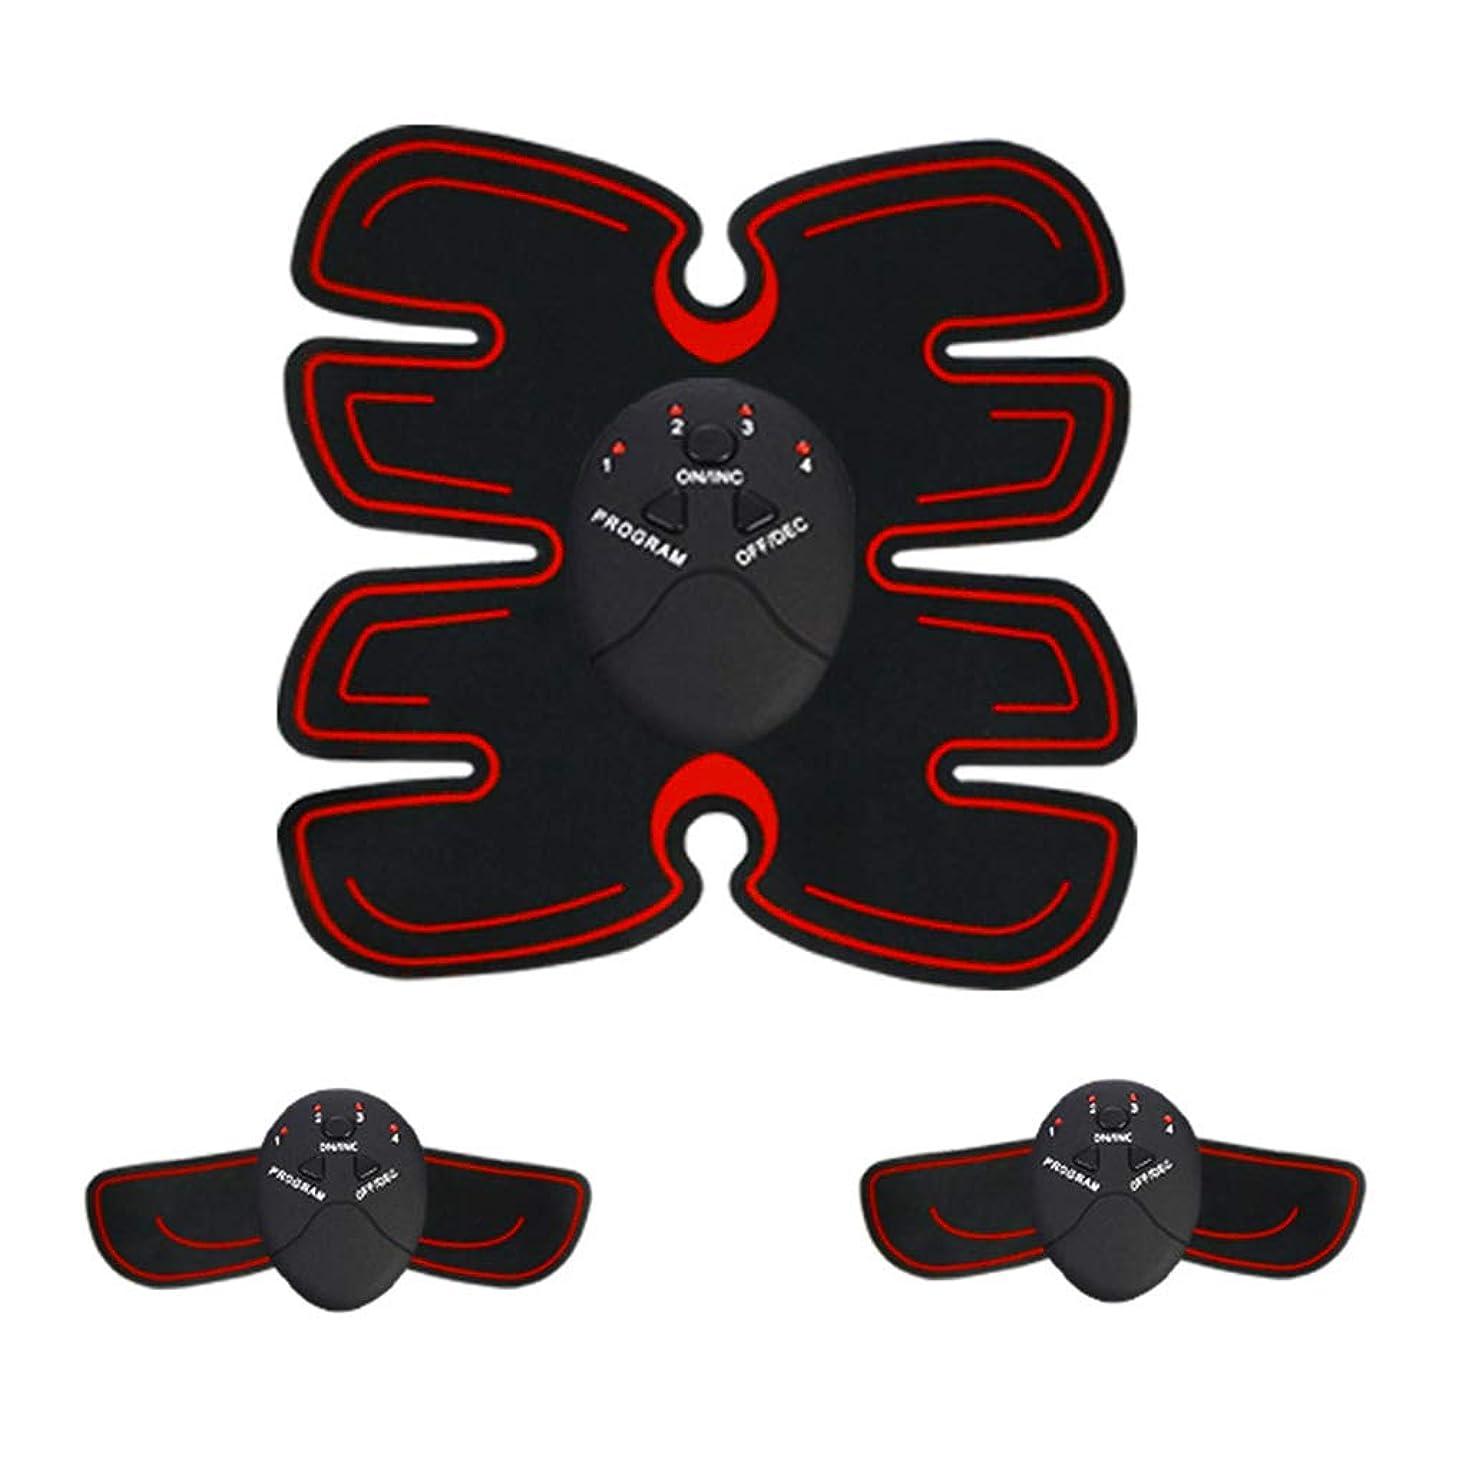 流行している繁栄する信頼性のある腹部筋肉トレーナー筋肉トナーems absトレーナーabベルトホームオフィストレーニング機器用男性&女性フィットネス薄いベルトボディービル腹部ベルト (Color : RED, Size : 23.2*21CM)